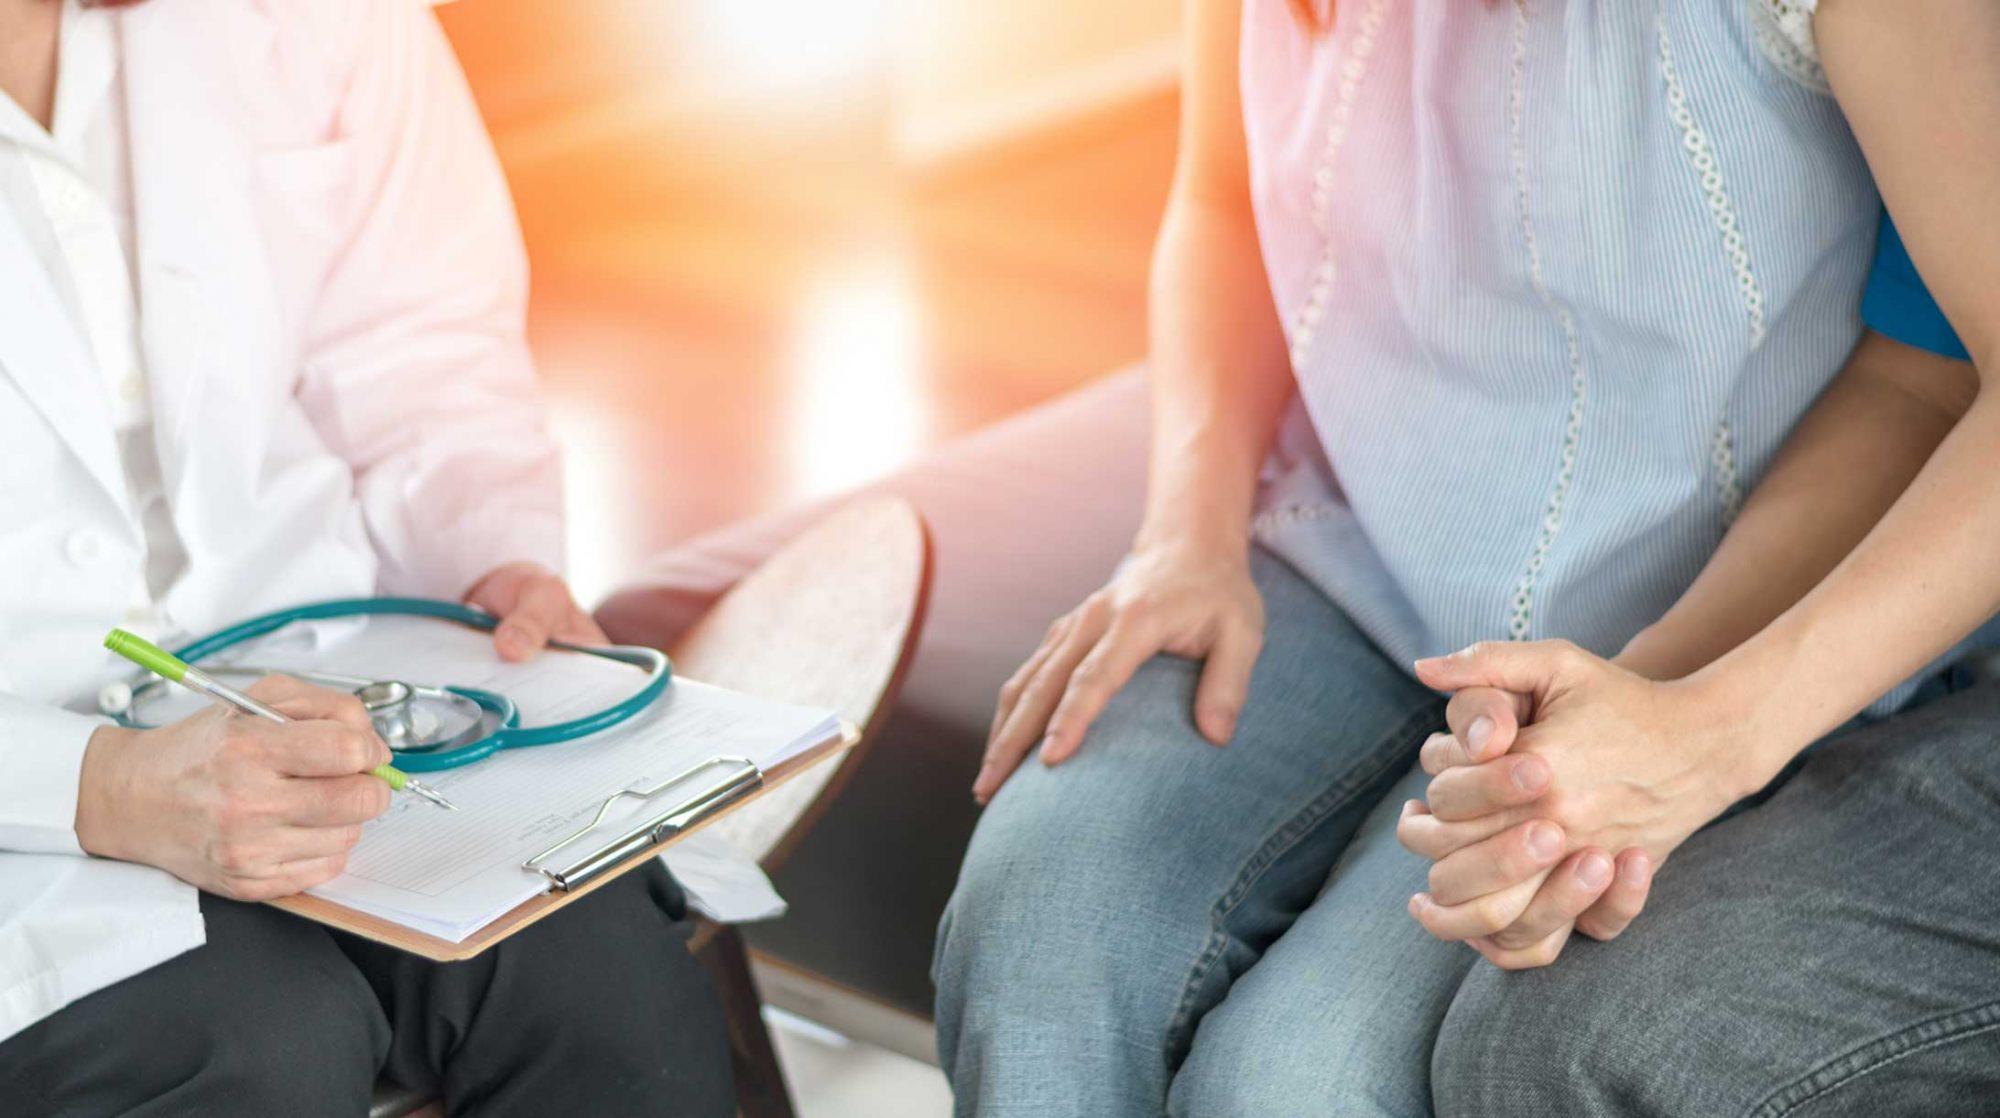 Kinderwunsch: Ein Paar im Gespräch mit einem Arzt.